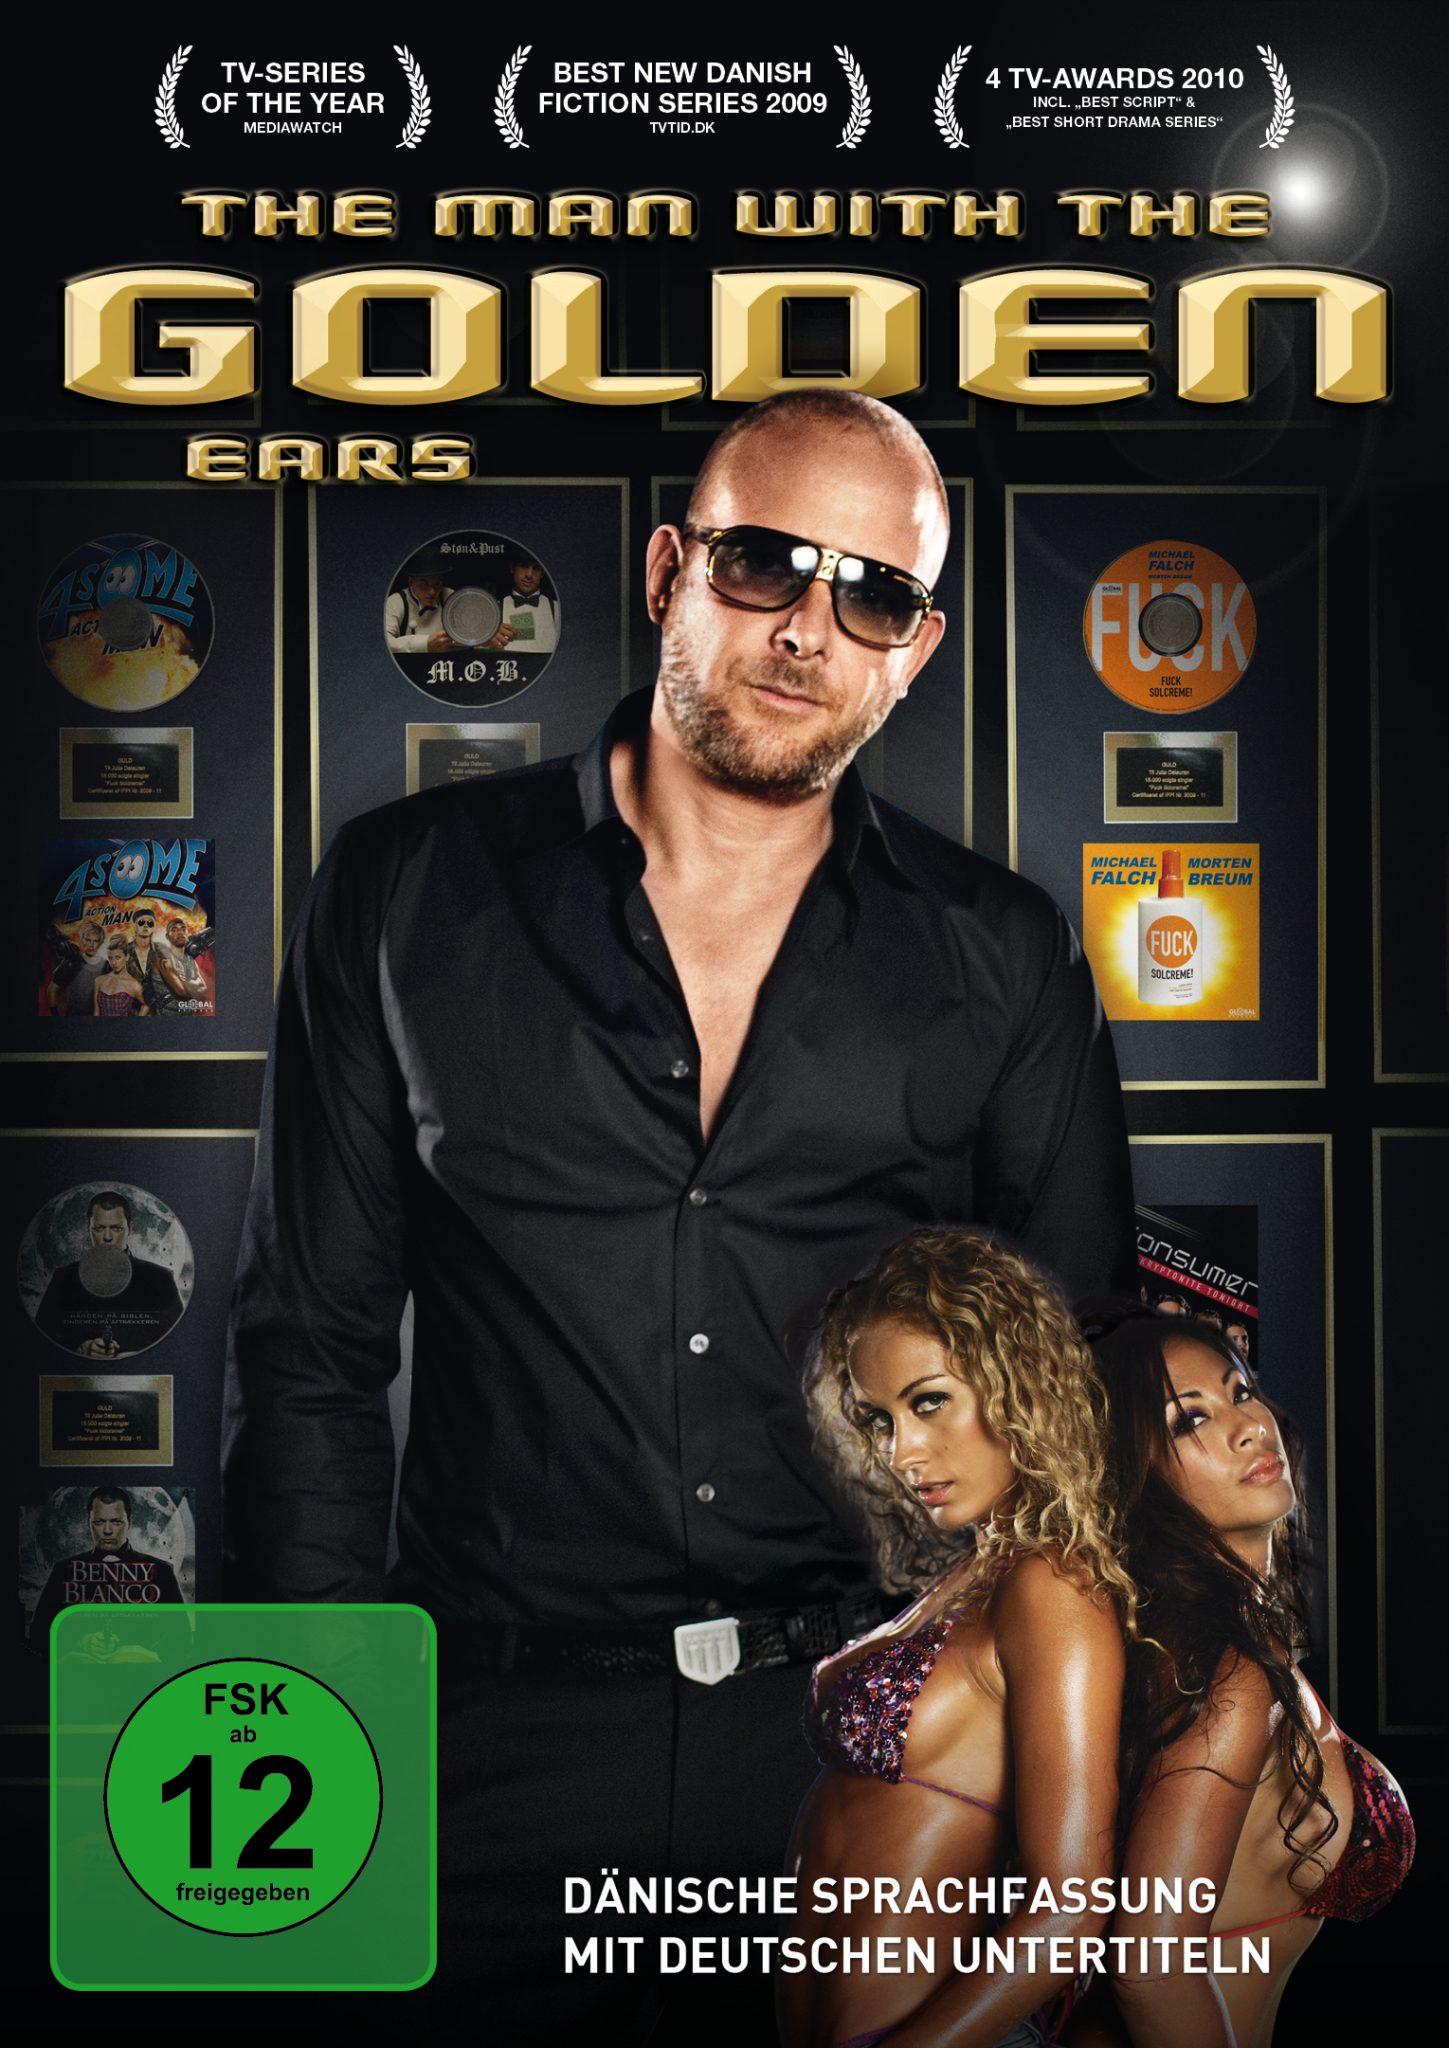 """Sex, Drugs & Rock'n'Roll - Die preisgekrönte TV-Serie """"The Man With The Golden Ears"""" erstmals in Deutschland – ab 29. Mai 2015 auf DVD"""